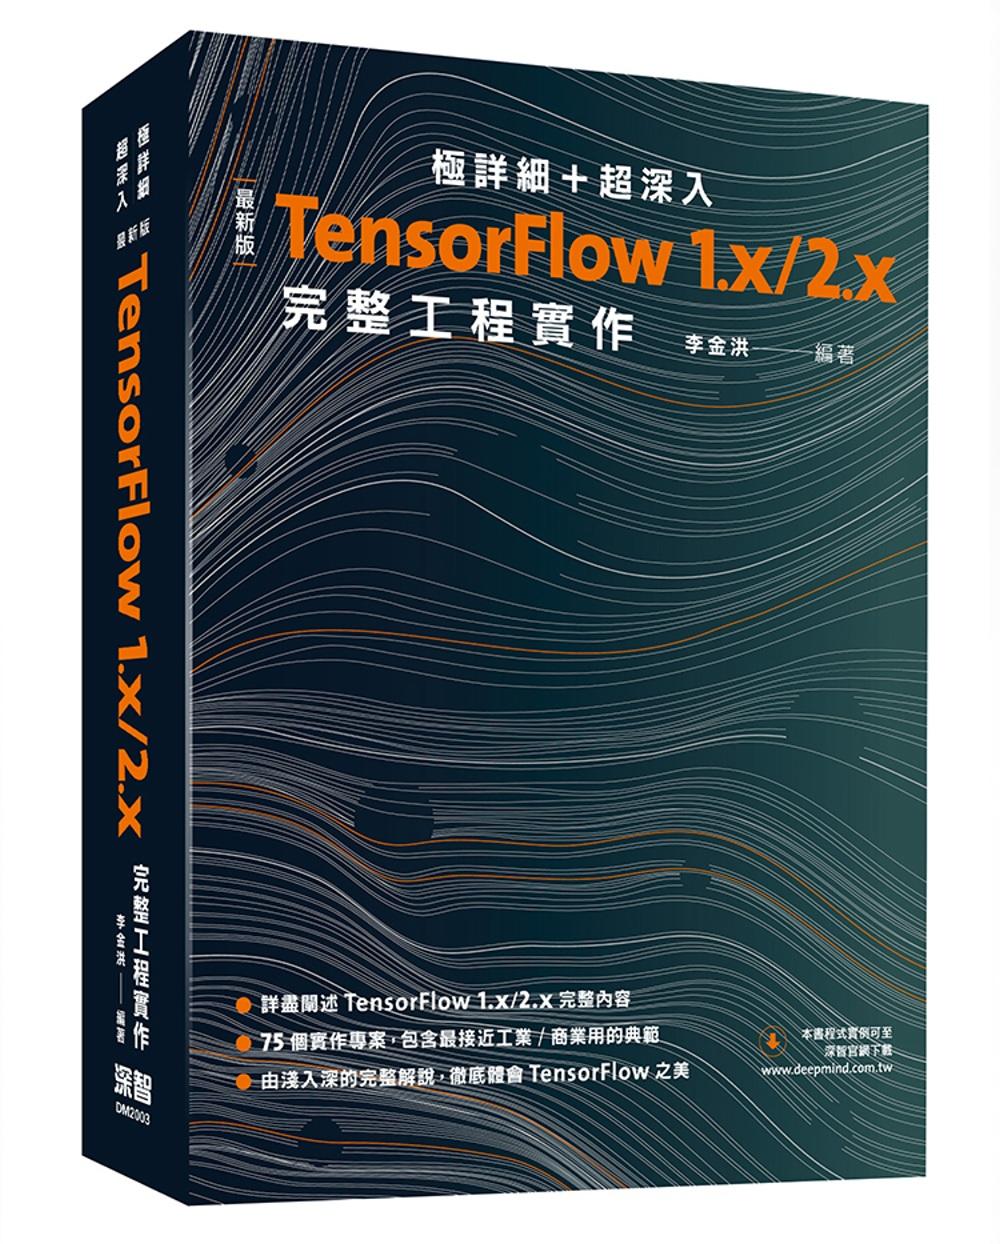 極詳細+超深入:最新版TensorFlow 1.x/2.x完整工程實作